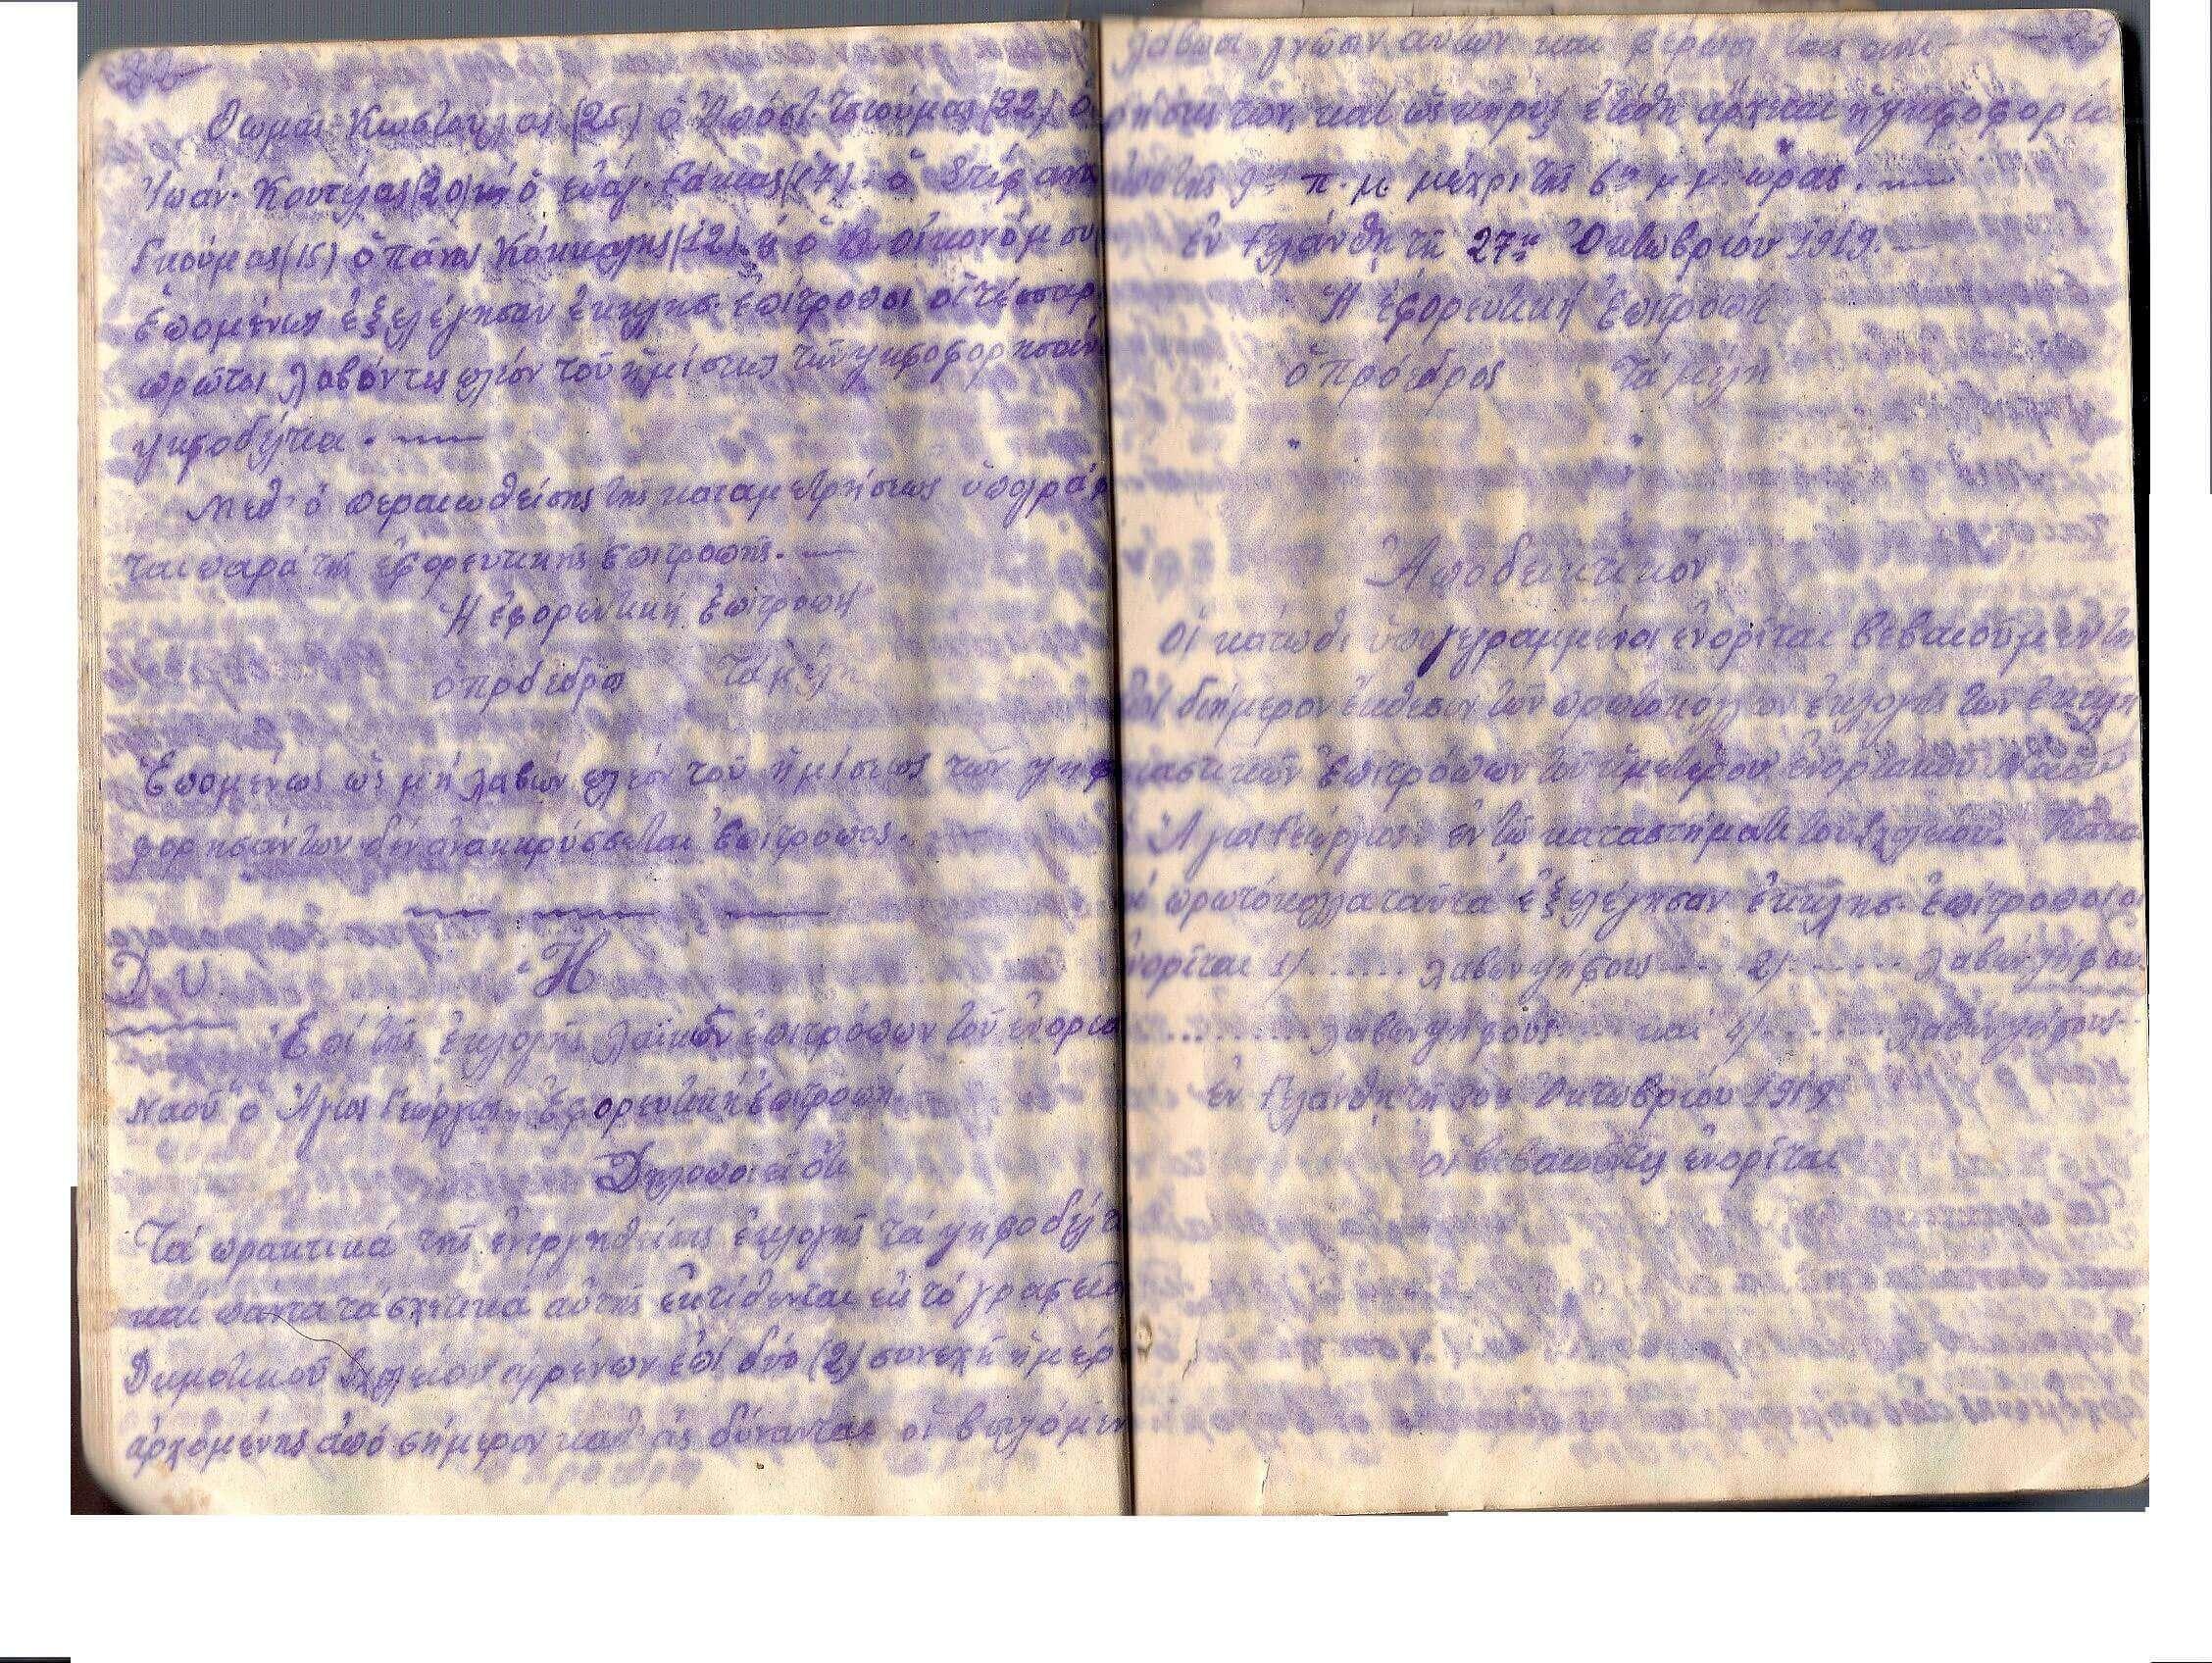 Εκλογή Εκκλησιαστικής Επιτροπής Ι.Ν. Αγ. Γεωργίου Γελάνθης, 20-101919